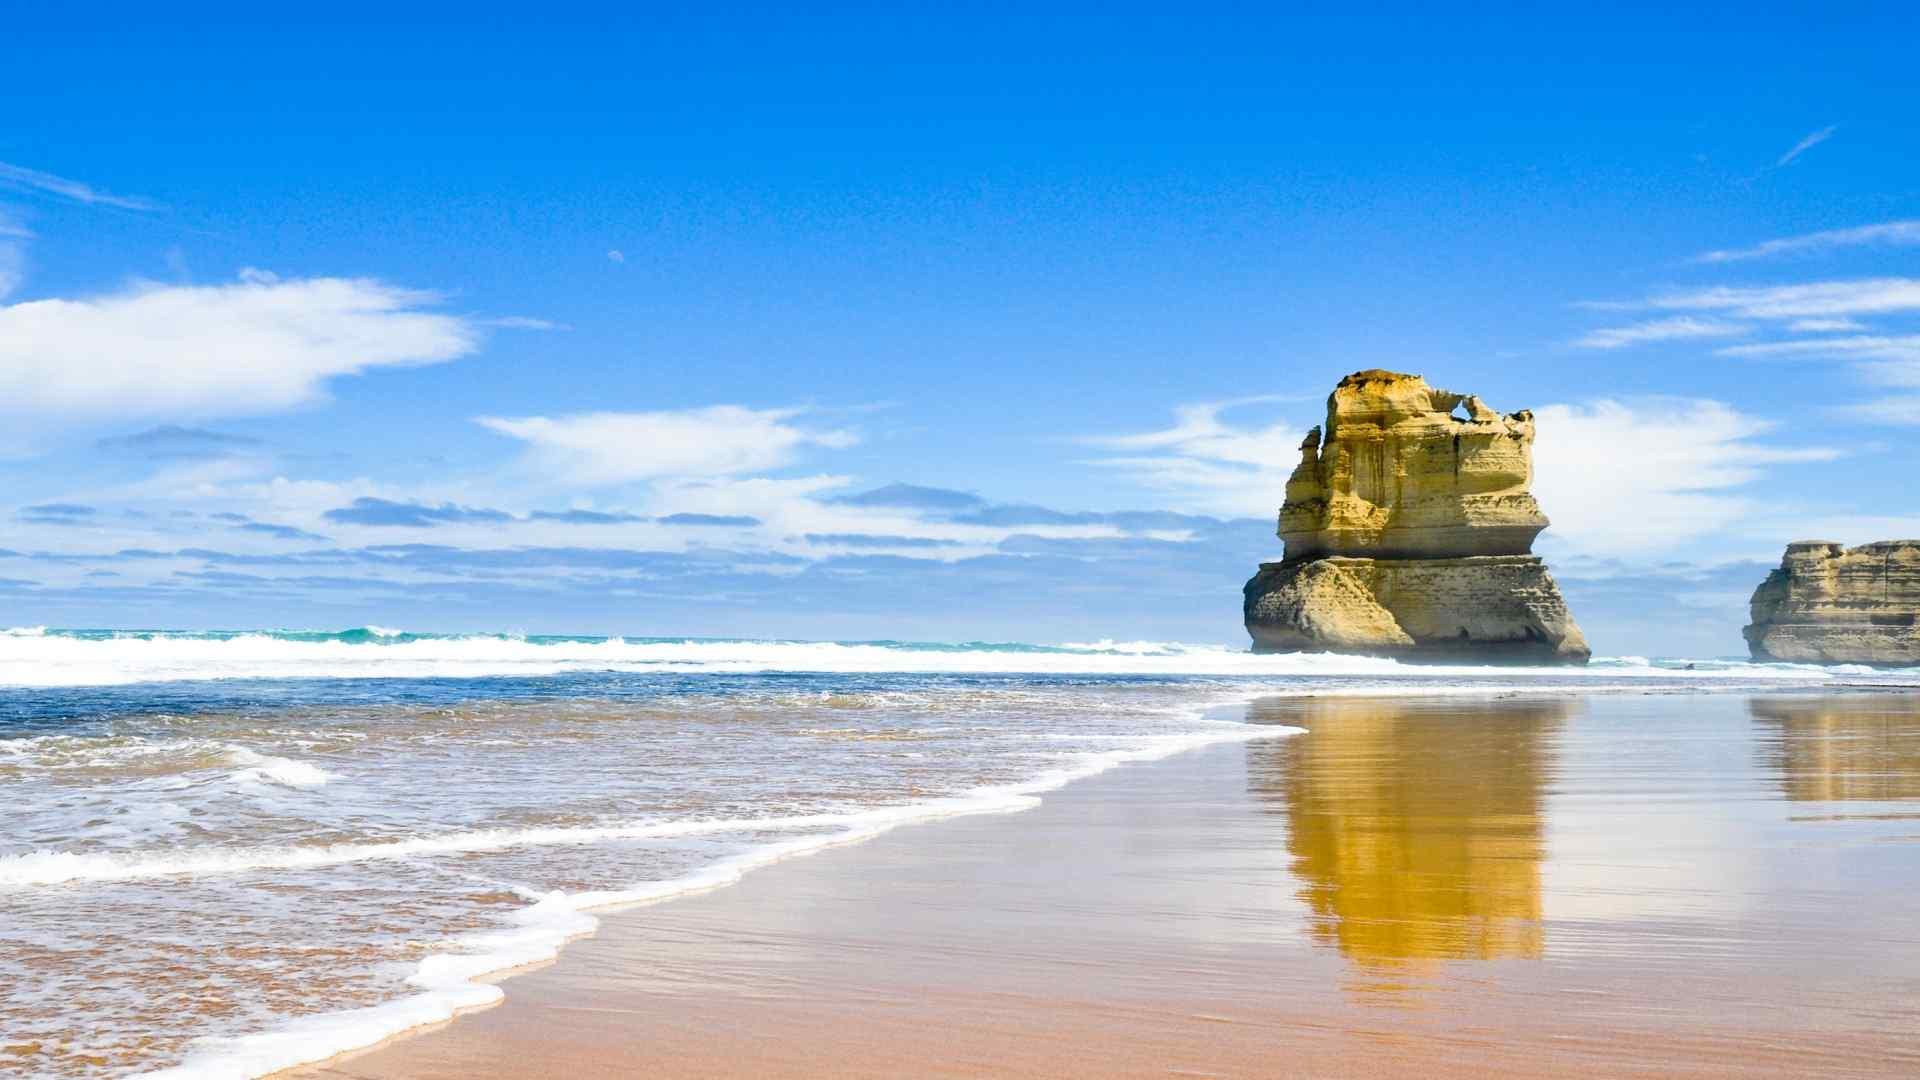 唯美海洋风景图片高清壁纸